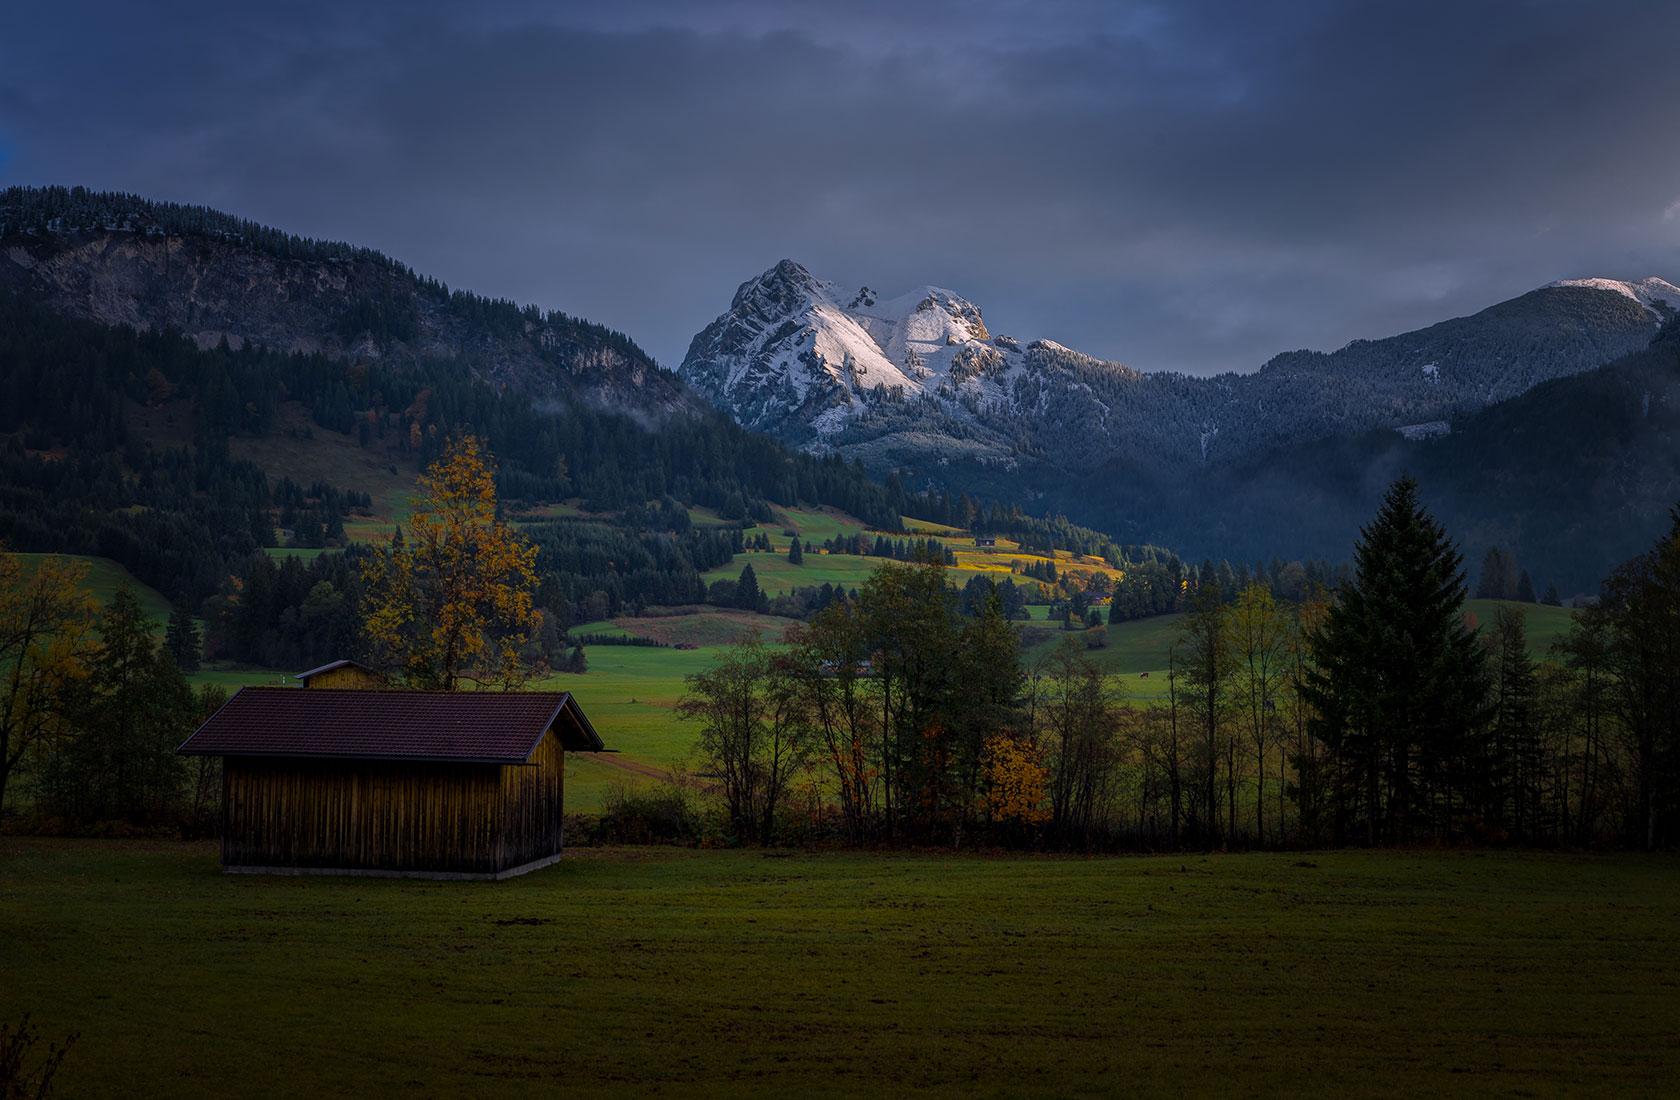 Die Landschaft des Tannheimer Tals in Tirol